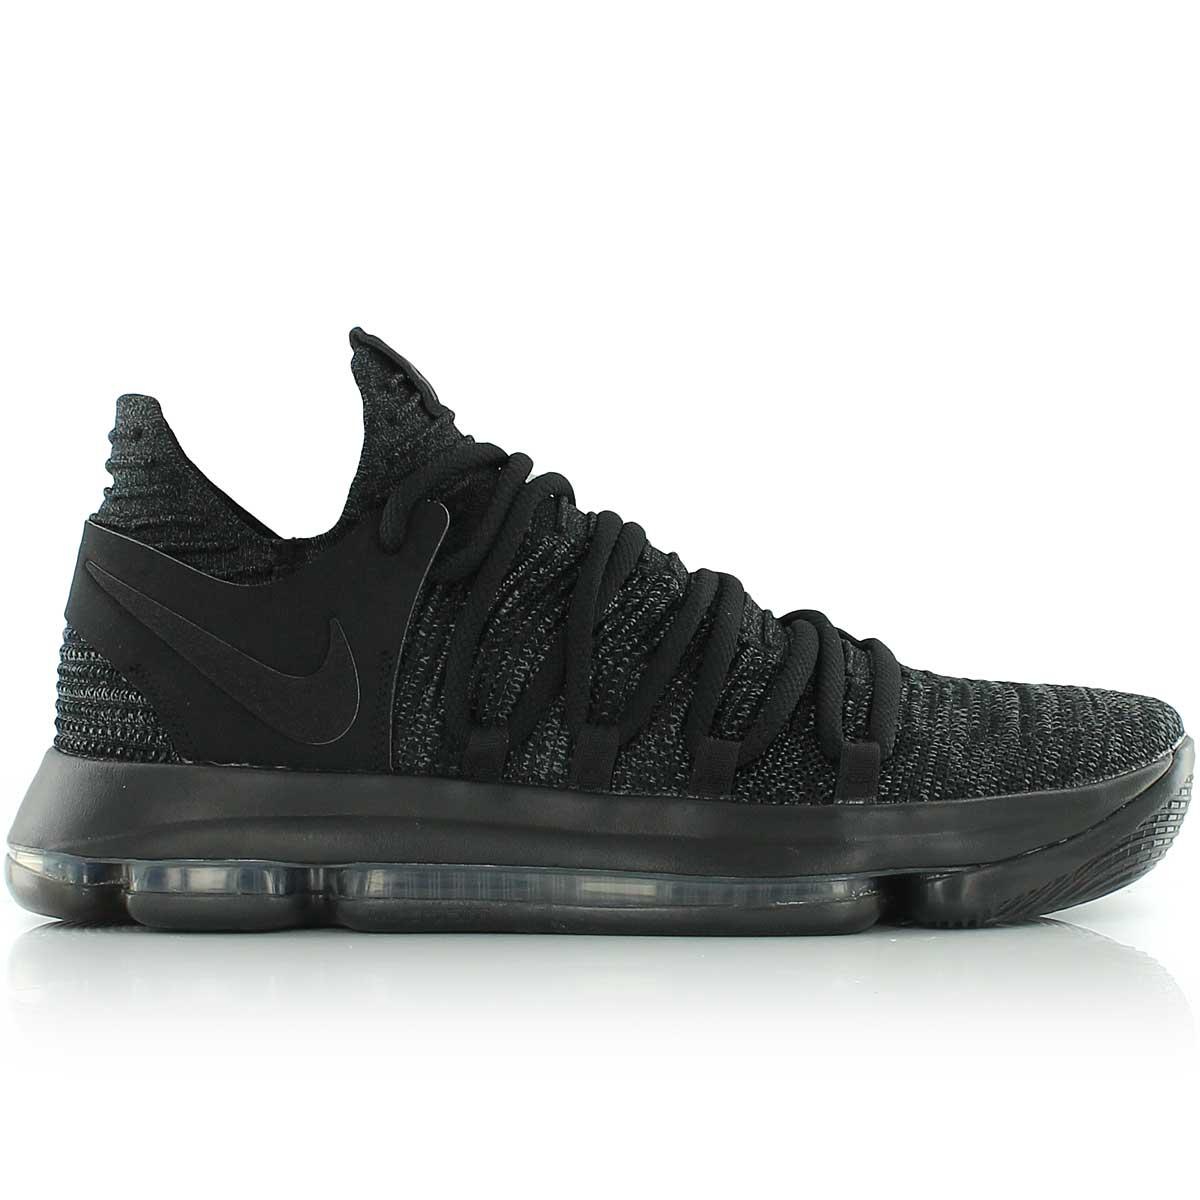 Jusqu'à 40% de réduction sur une sélection d'articles - Ex : Baskets Nike Zoom KD10 - Noir